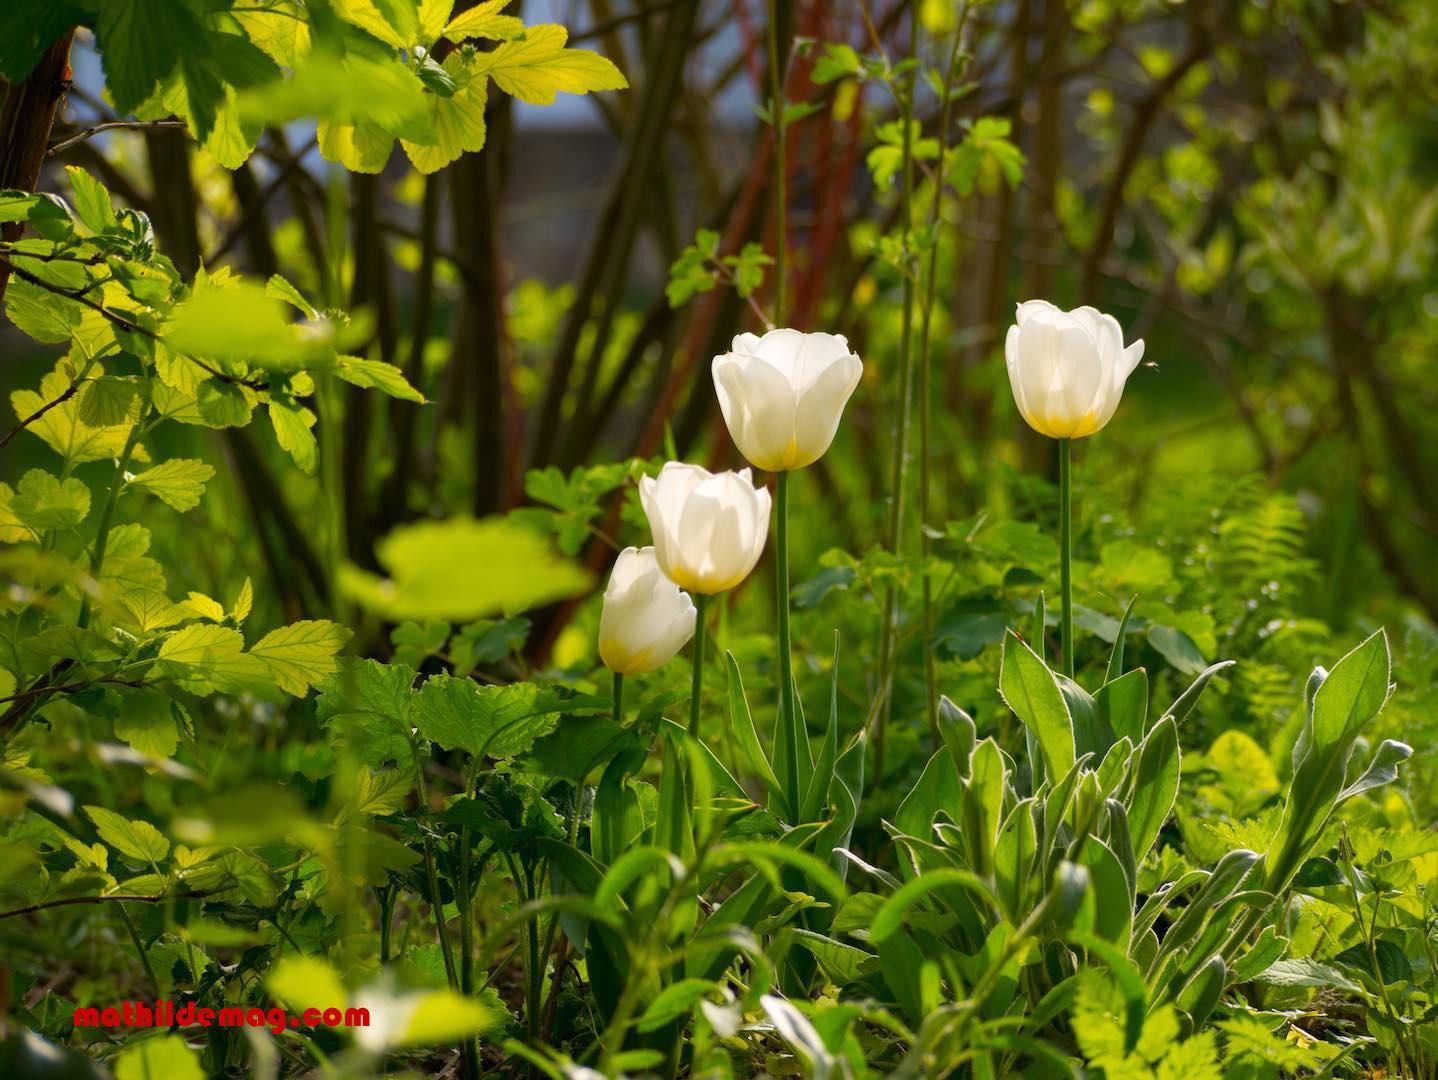 Hamburg im Mai - nicht wirklich, diese Blumen wachsen in der Provinz